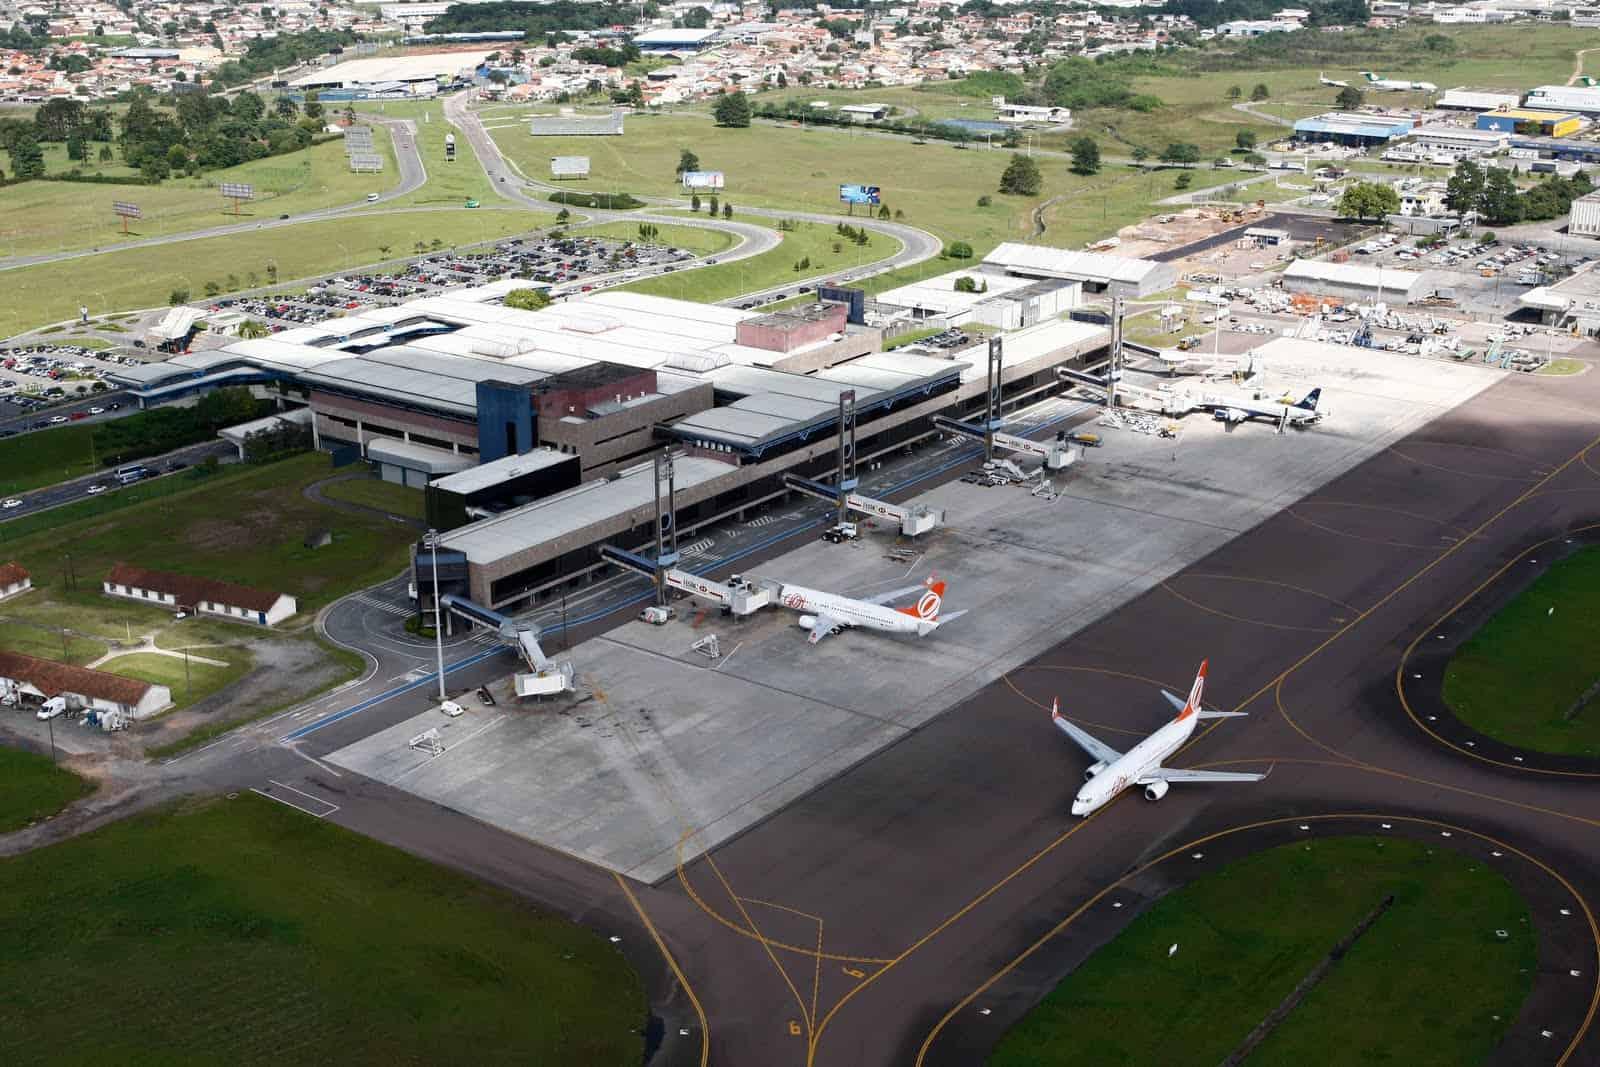 Aeroporto Internacional Afonso Pena (CWB), localizado na Grande Curitiba no Paraná.